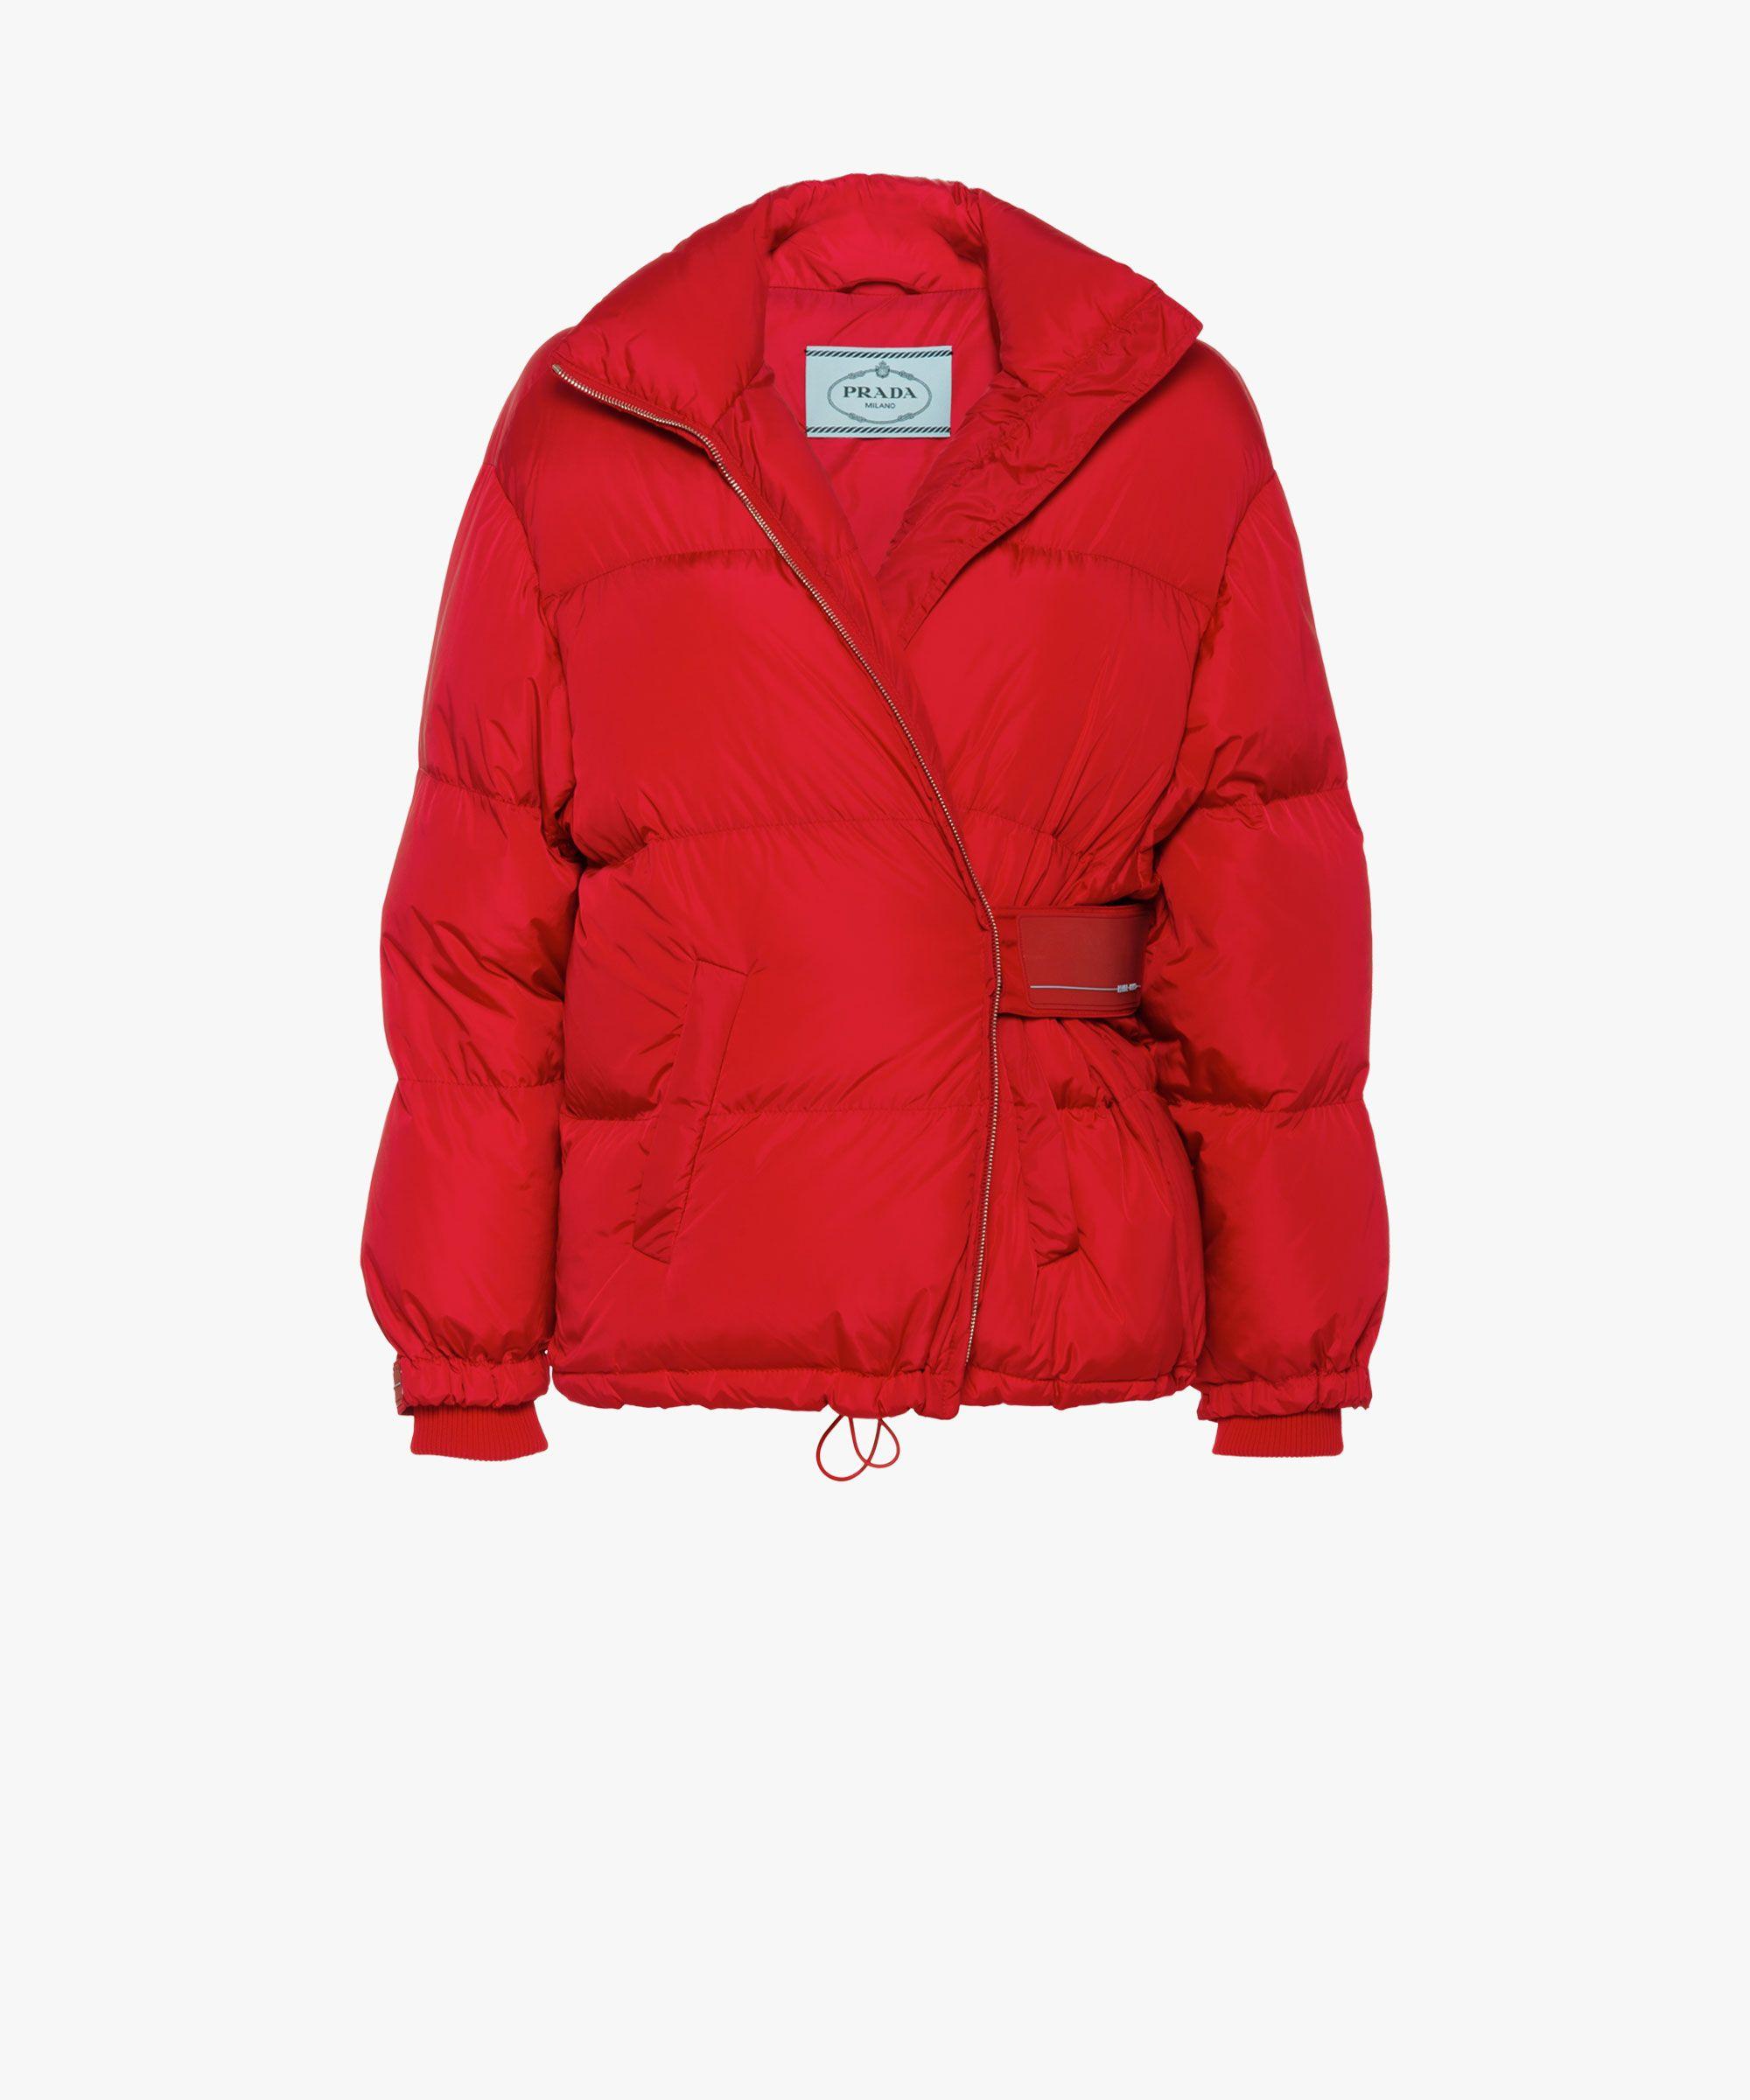 Pin On Coats Jackets [ 2400 x 2000 Pixel ]